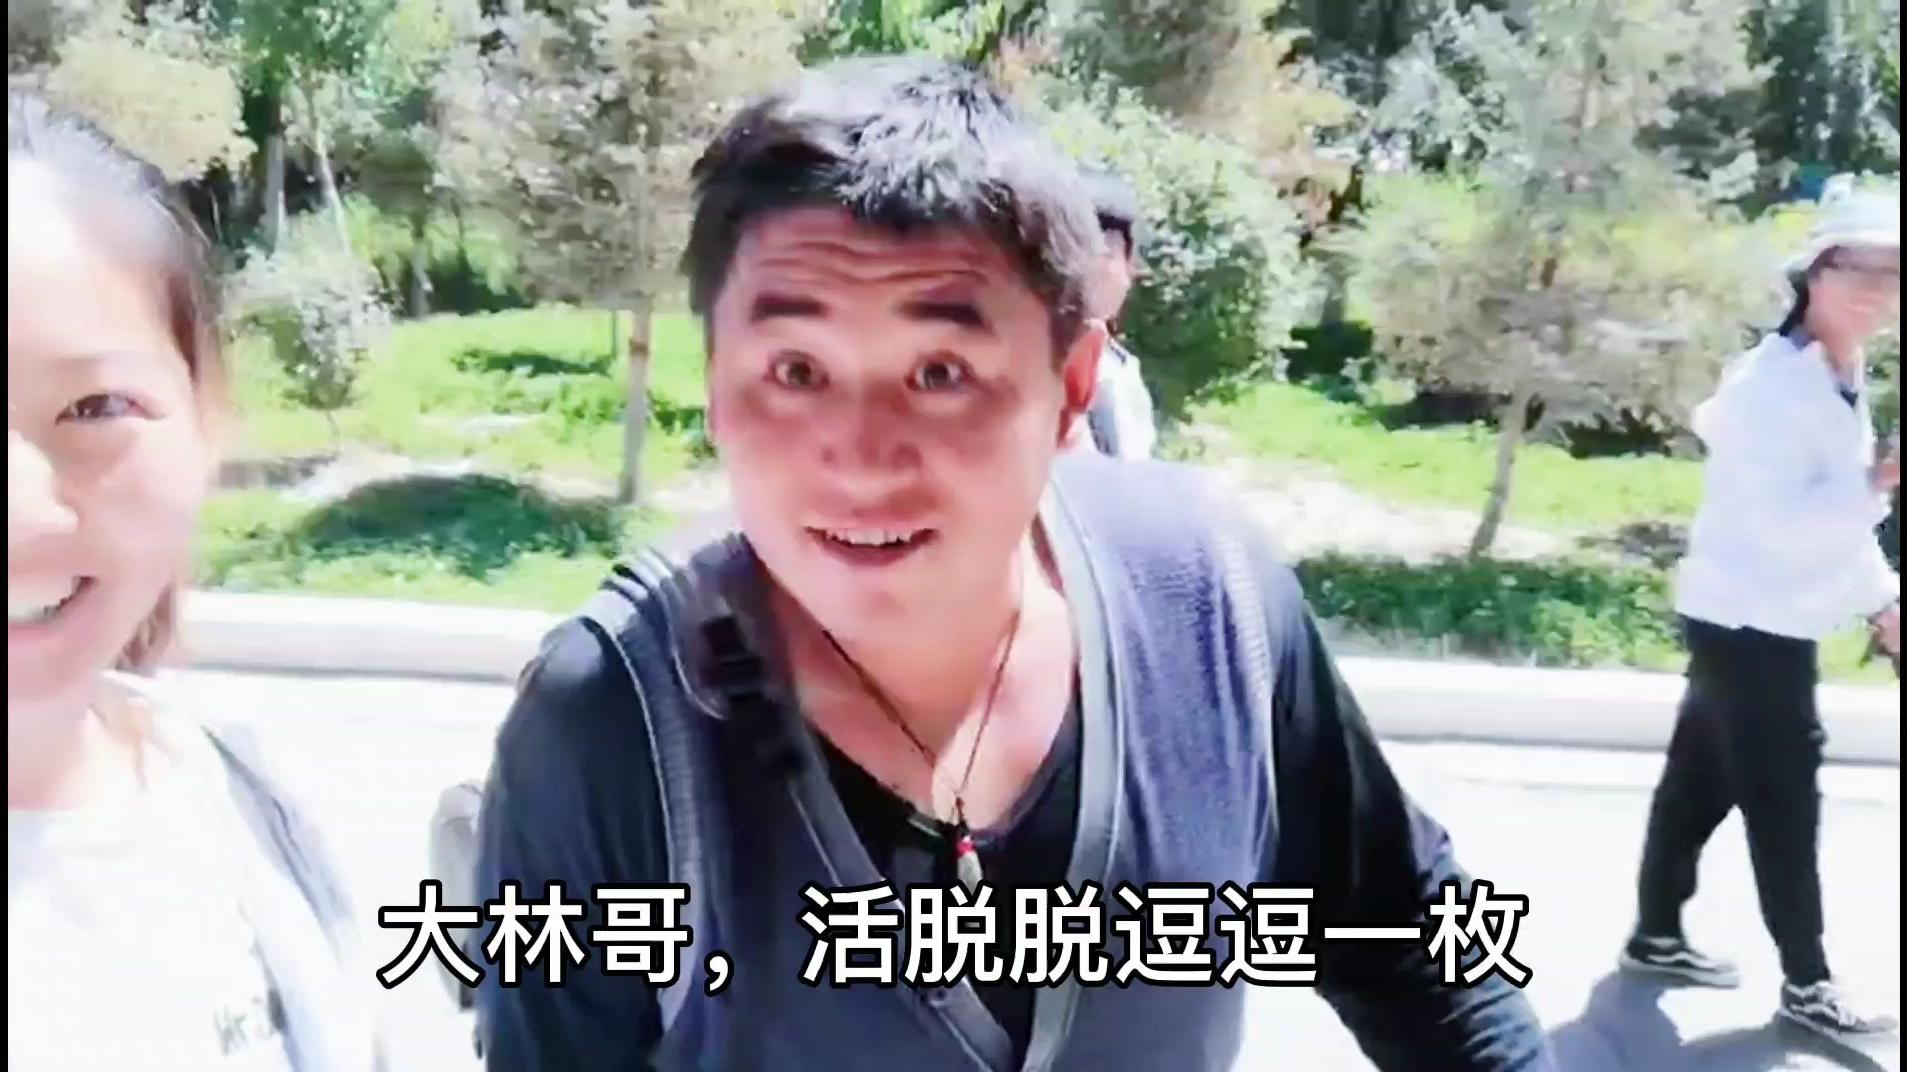 女孩子,西藏自驾游,歃血为桃?